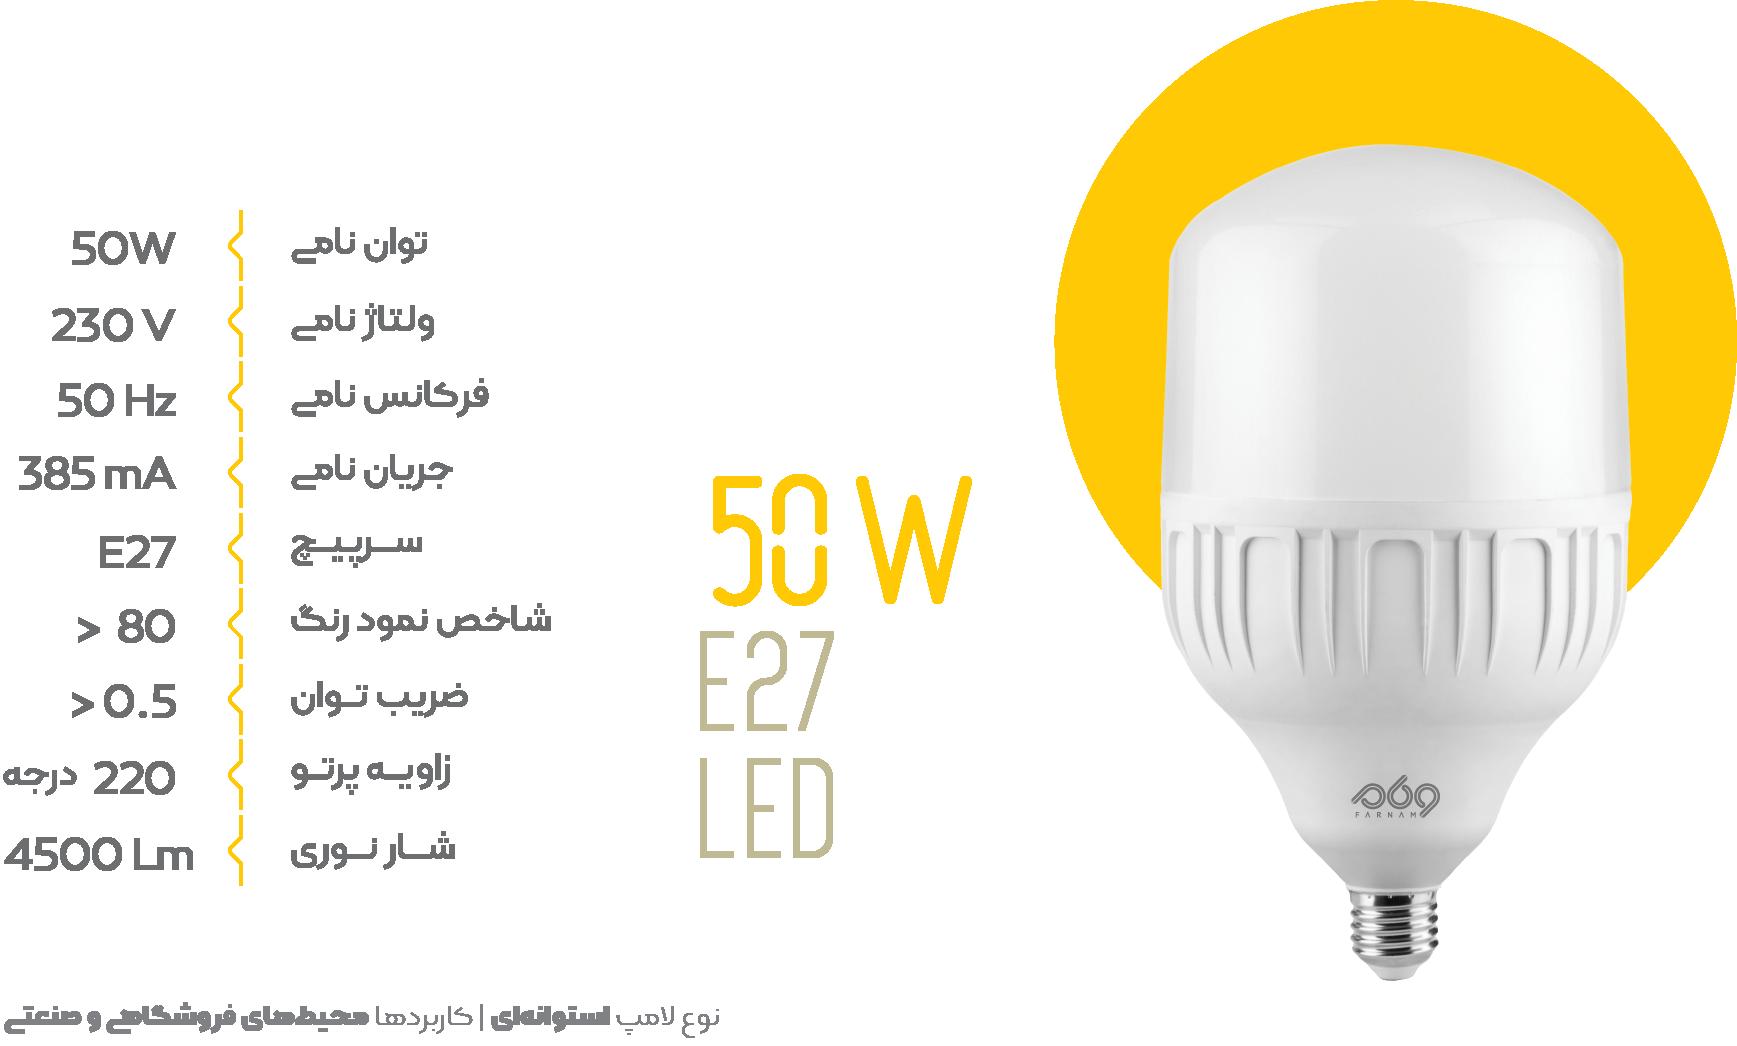 لامپ 50 وات استوانه ای فرنام